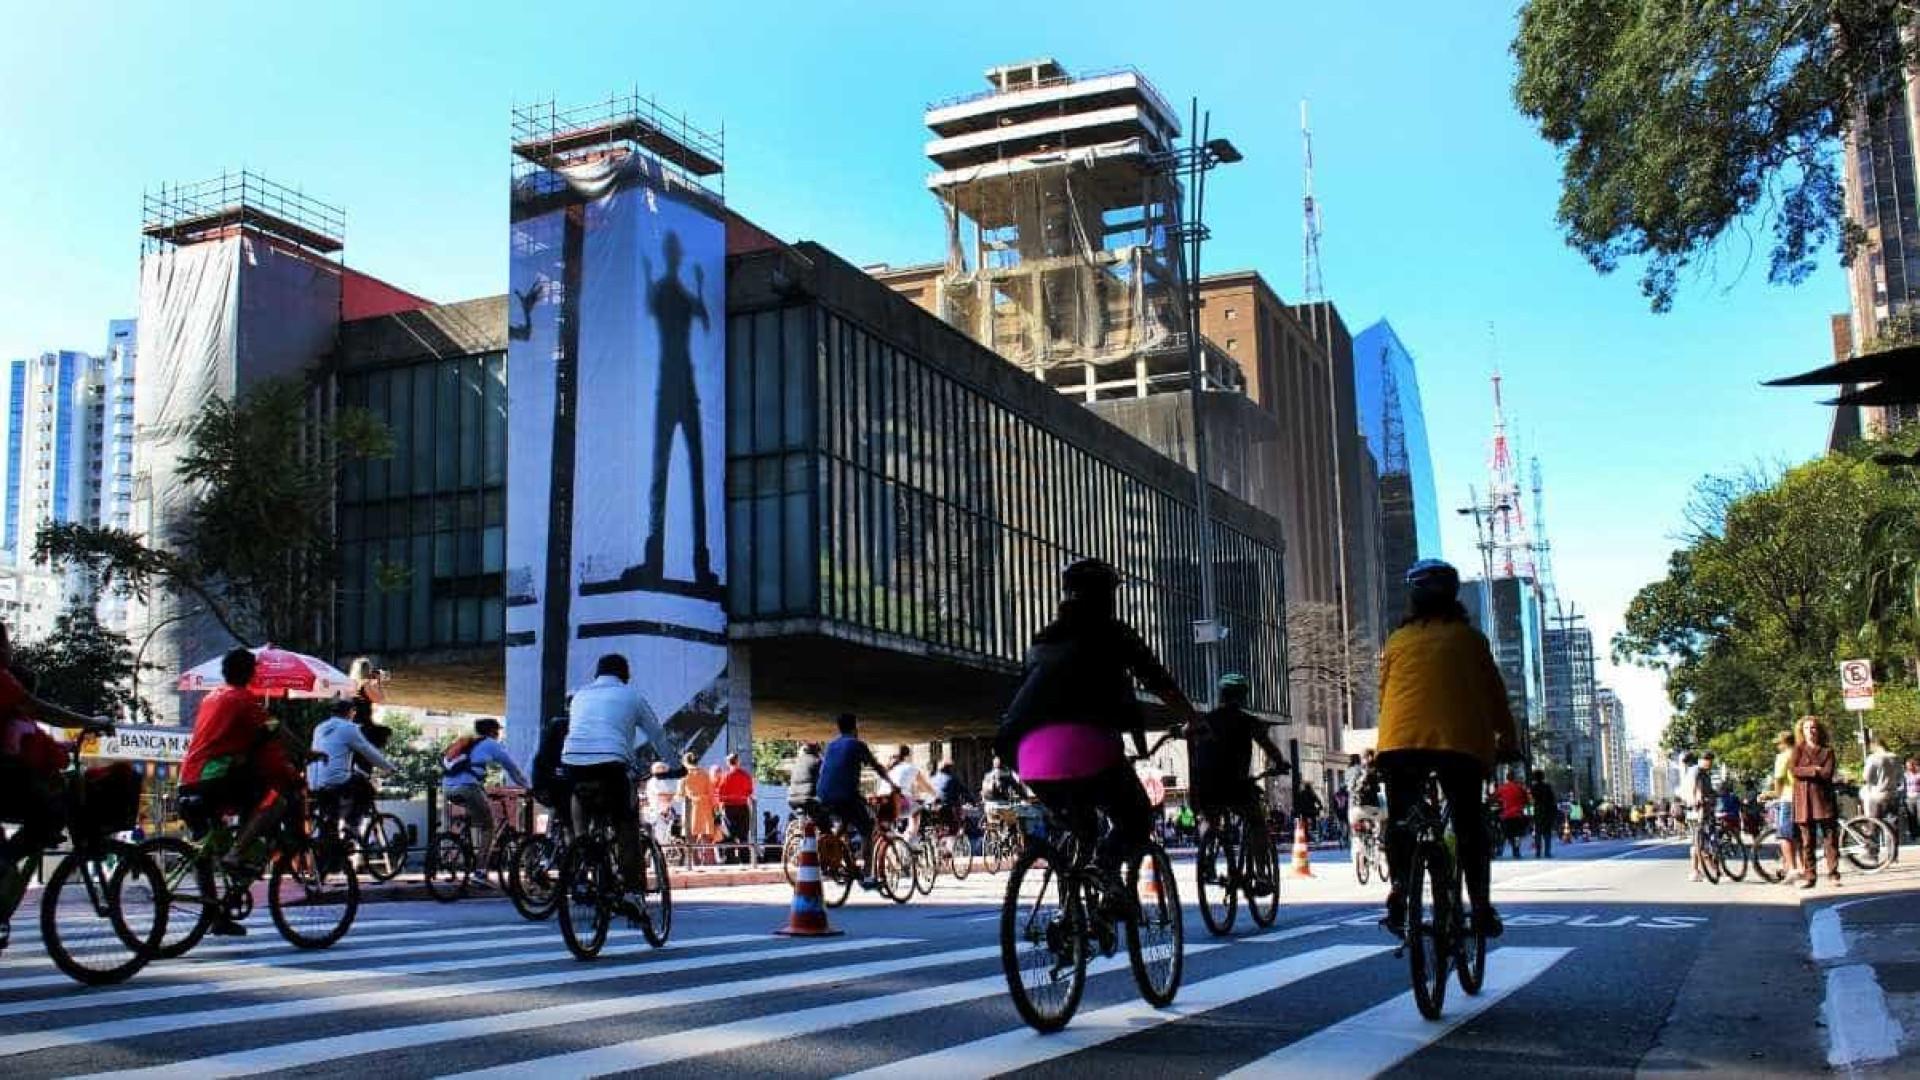 Programa Ruas Abertas passa a ser permanente em vários bairros